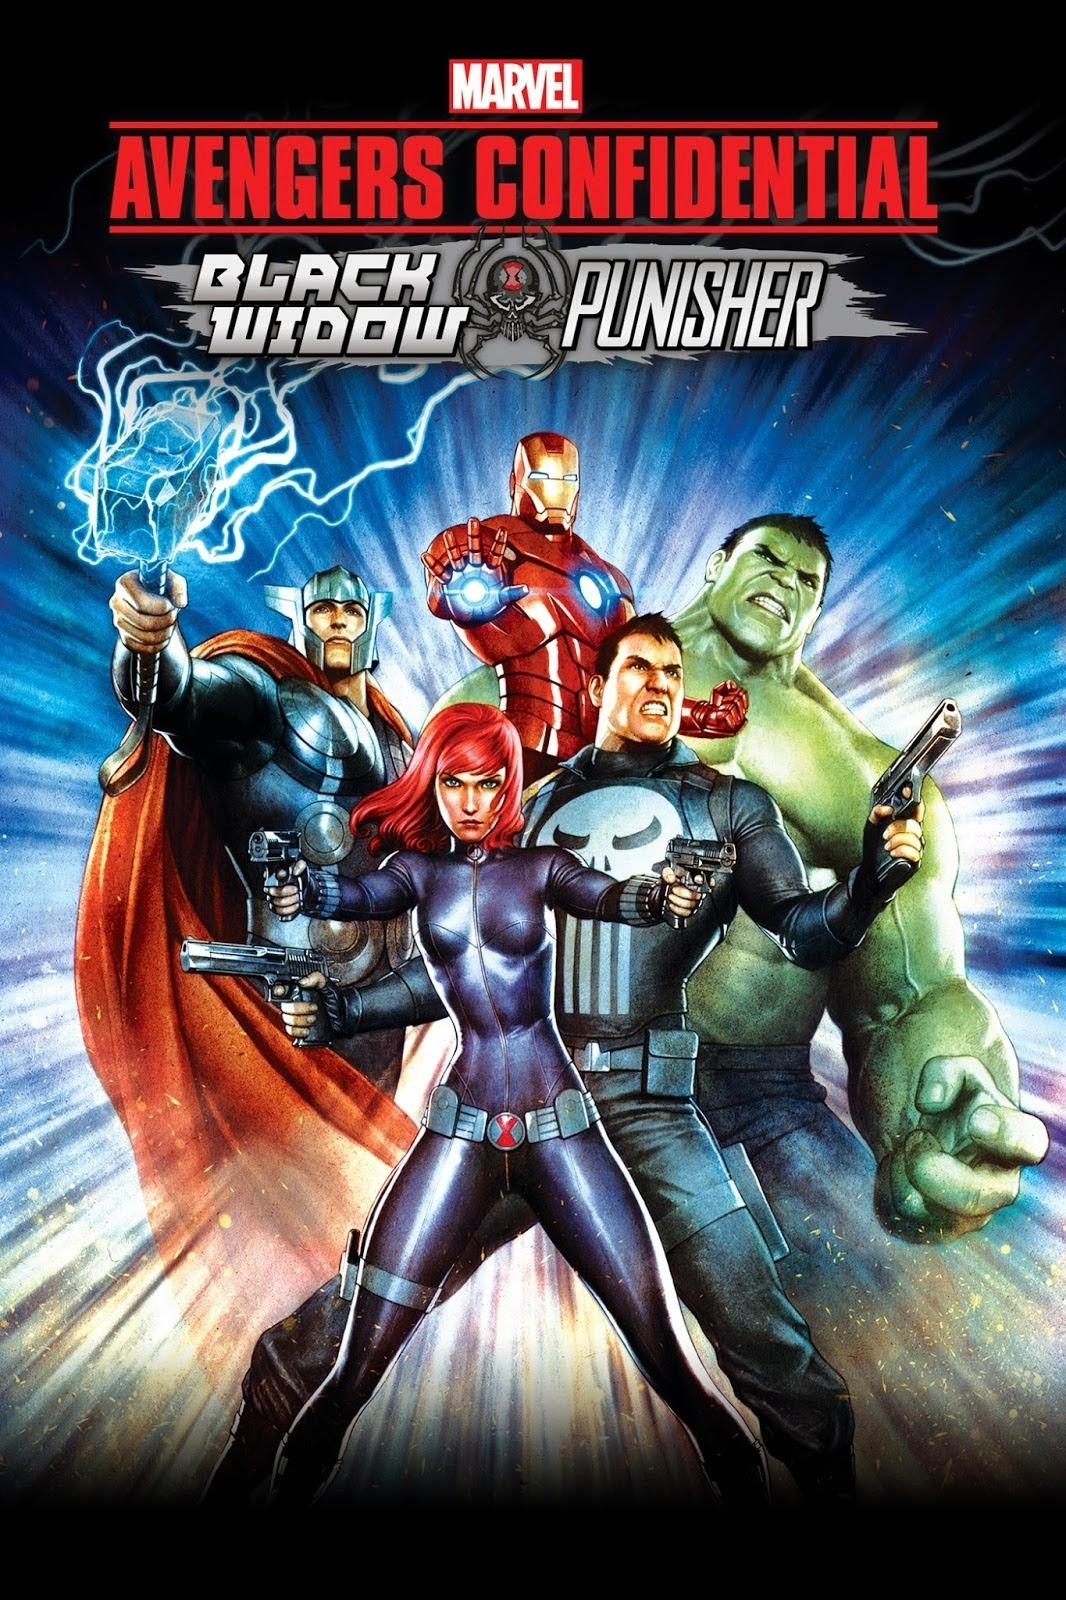 http://superheroesrevelados.blogspot.com.ar/2014/03/avengers-confidential-black-widow.html